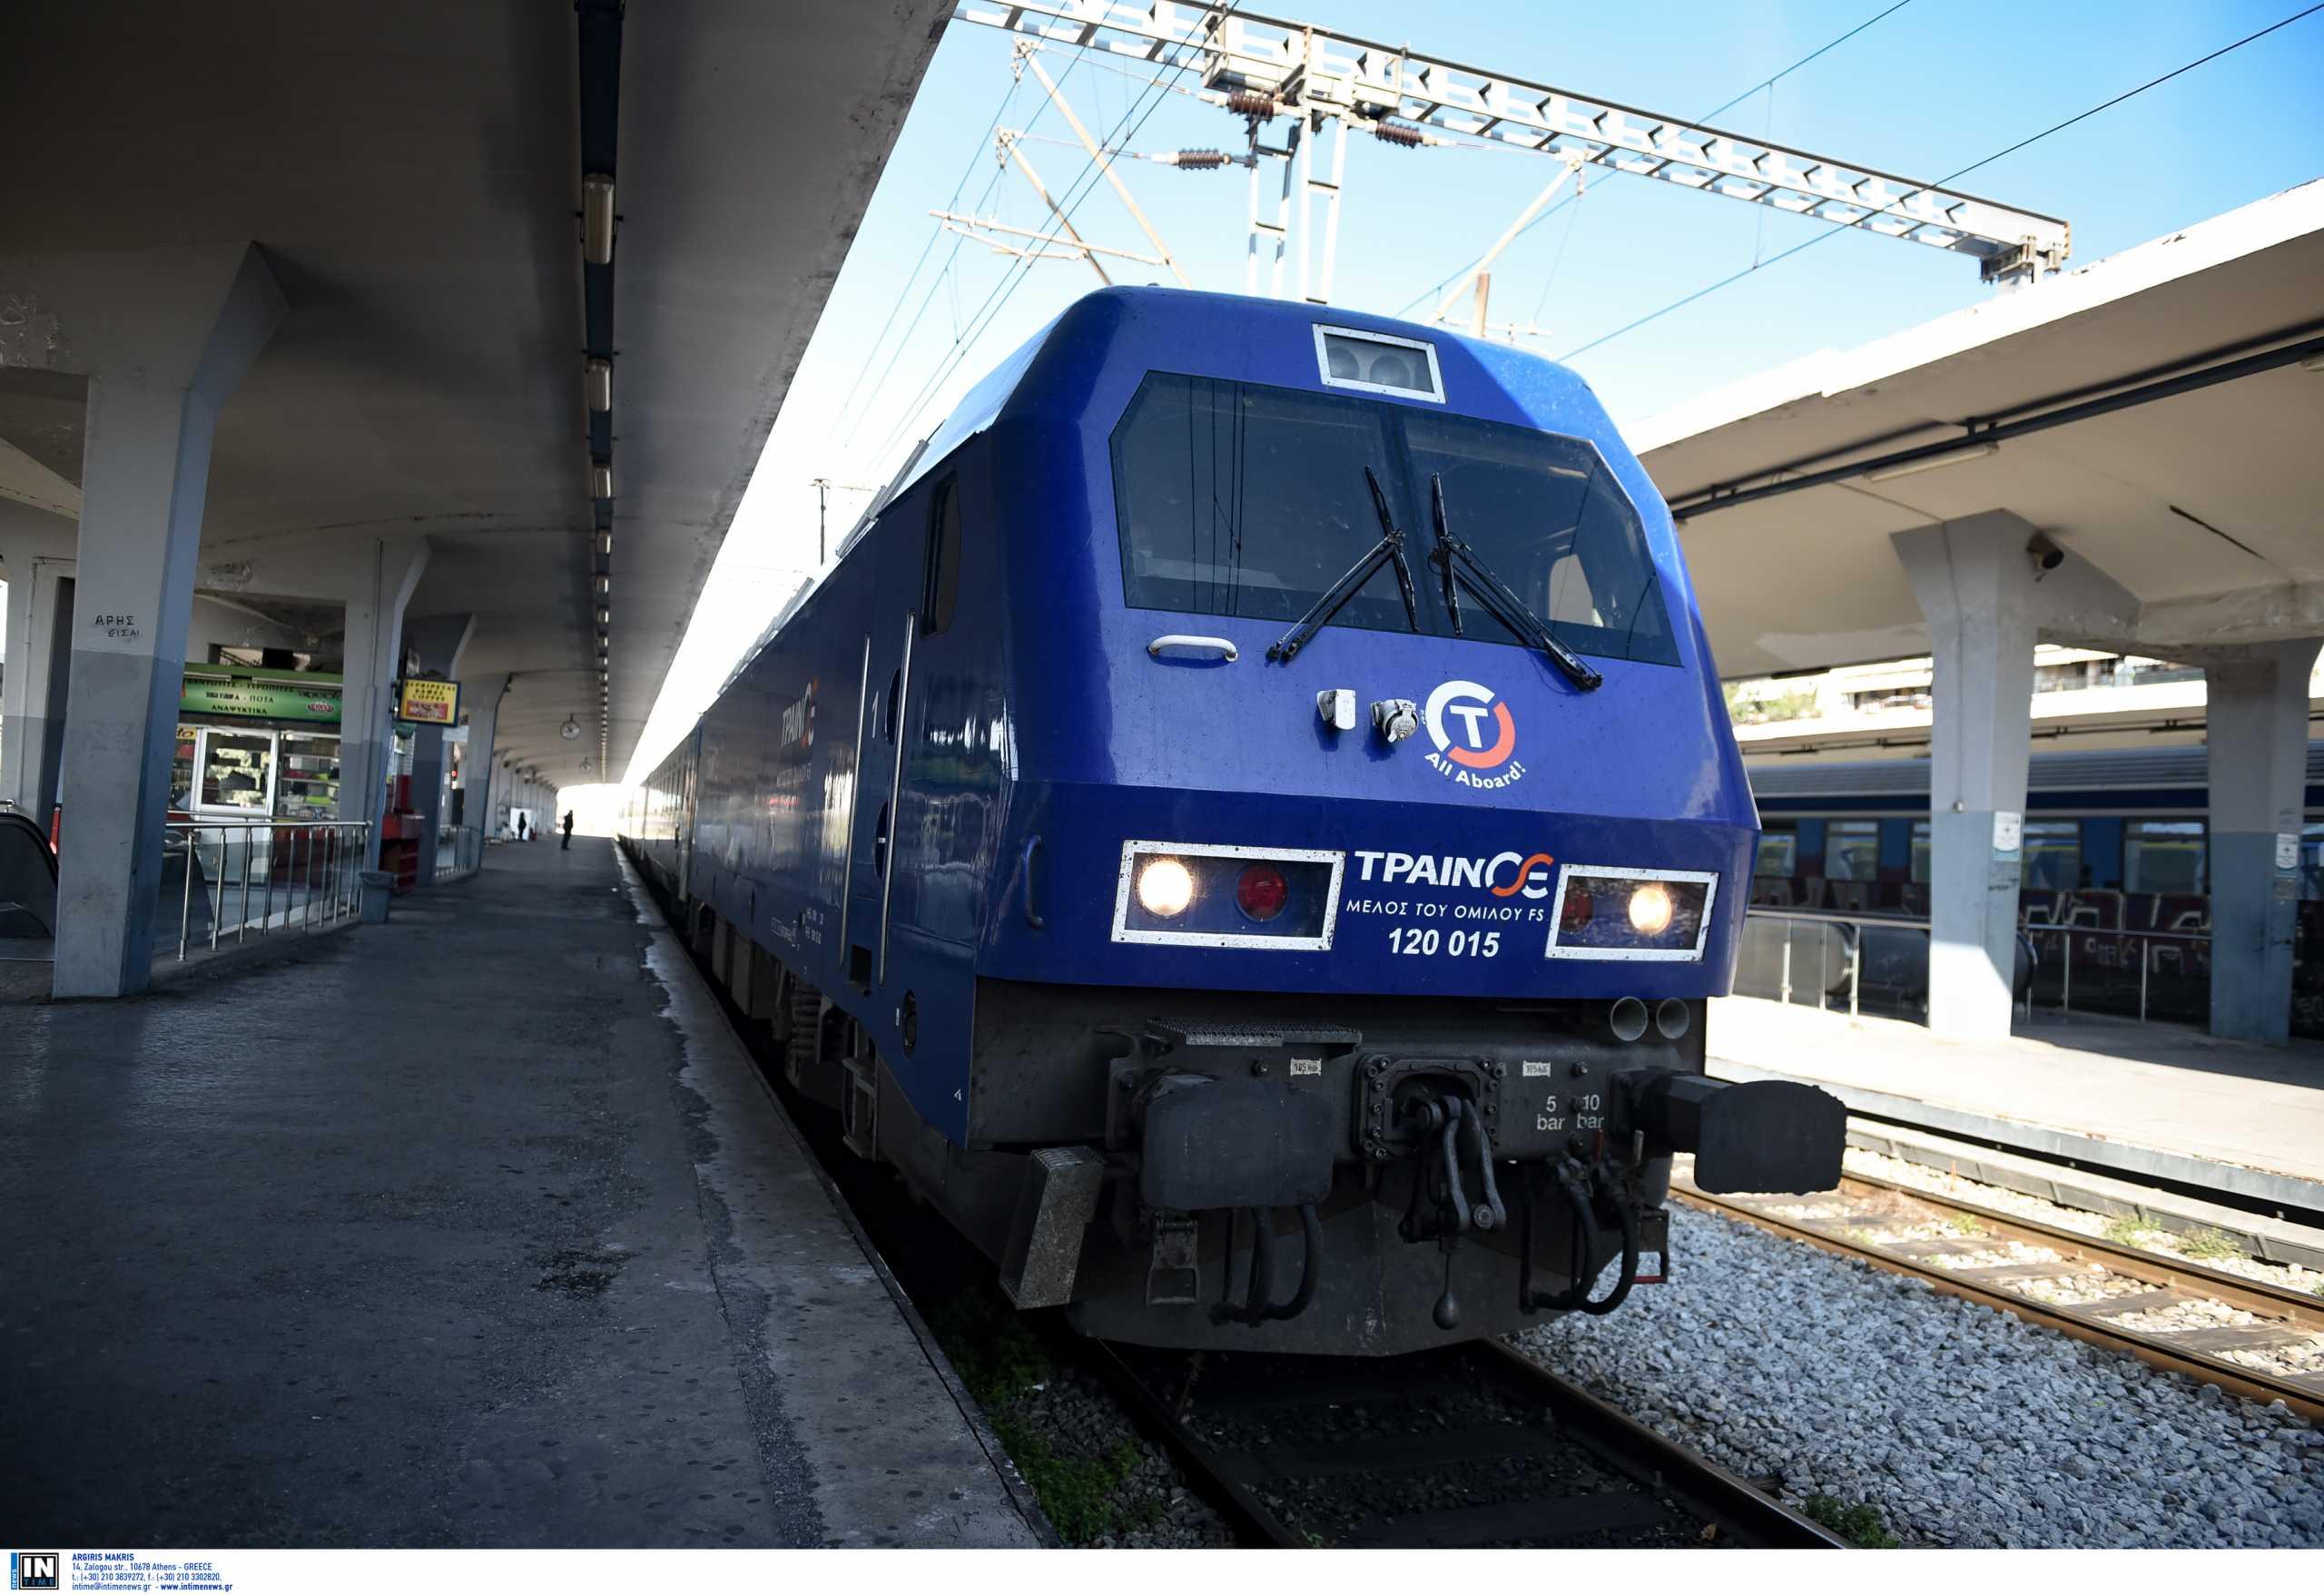 ΤΡΑΙΝΟΣΕ: Επαναλειτουργούν τρία δρομολόγια Intercity Αθήνα – Θεσσαλονίκη – Αθήνα λόγω του Πάσχα